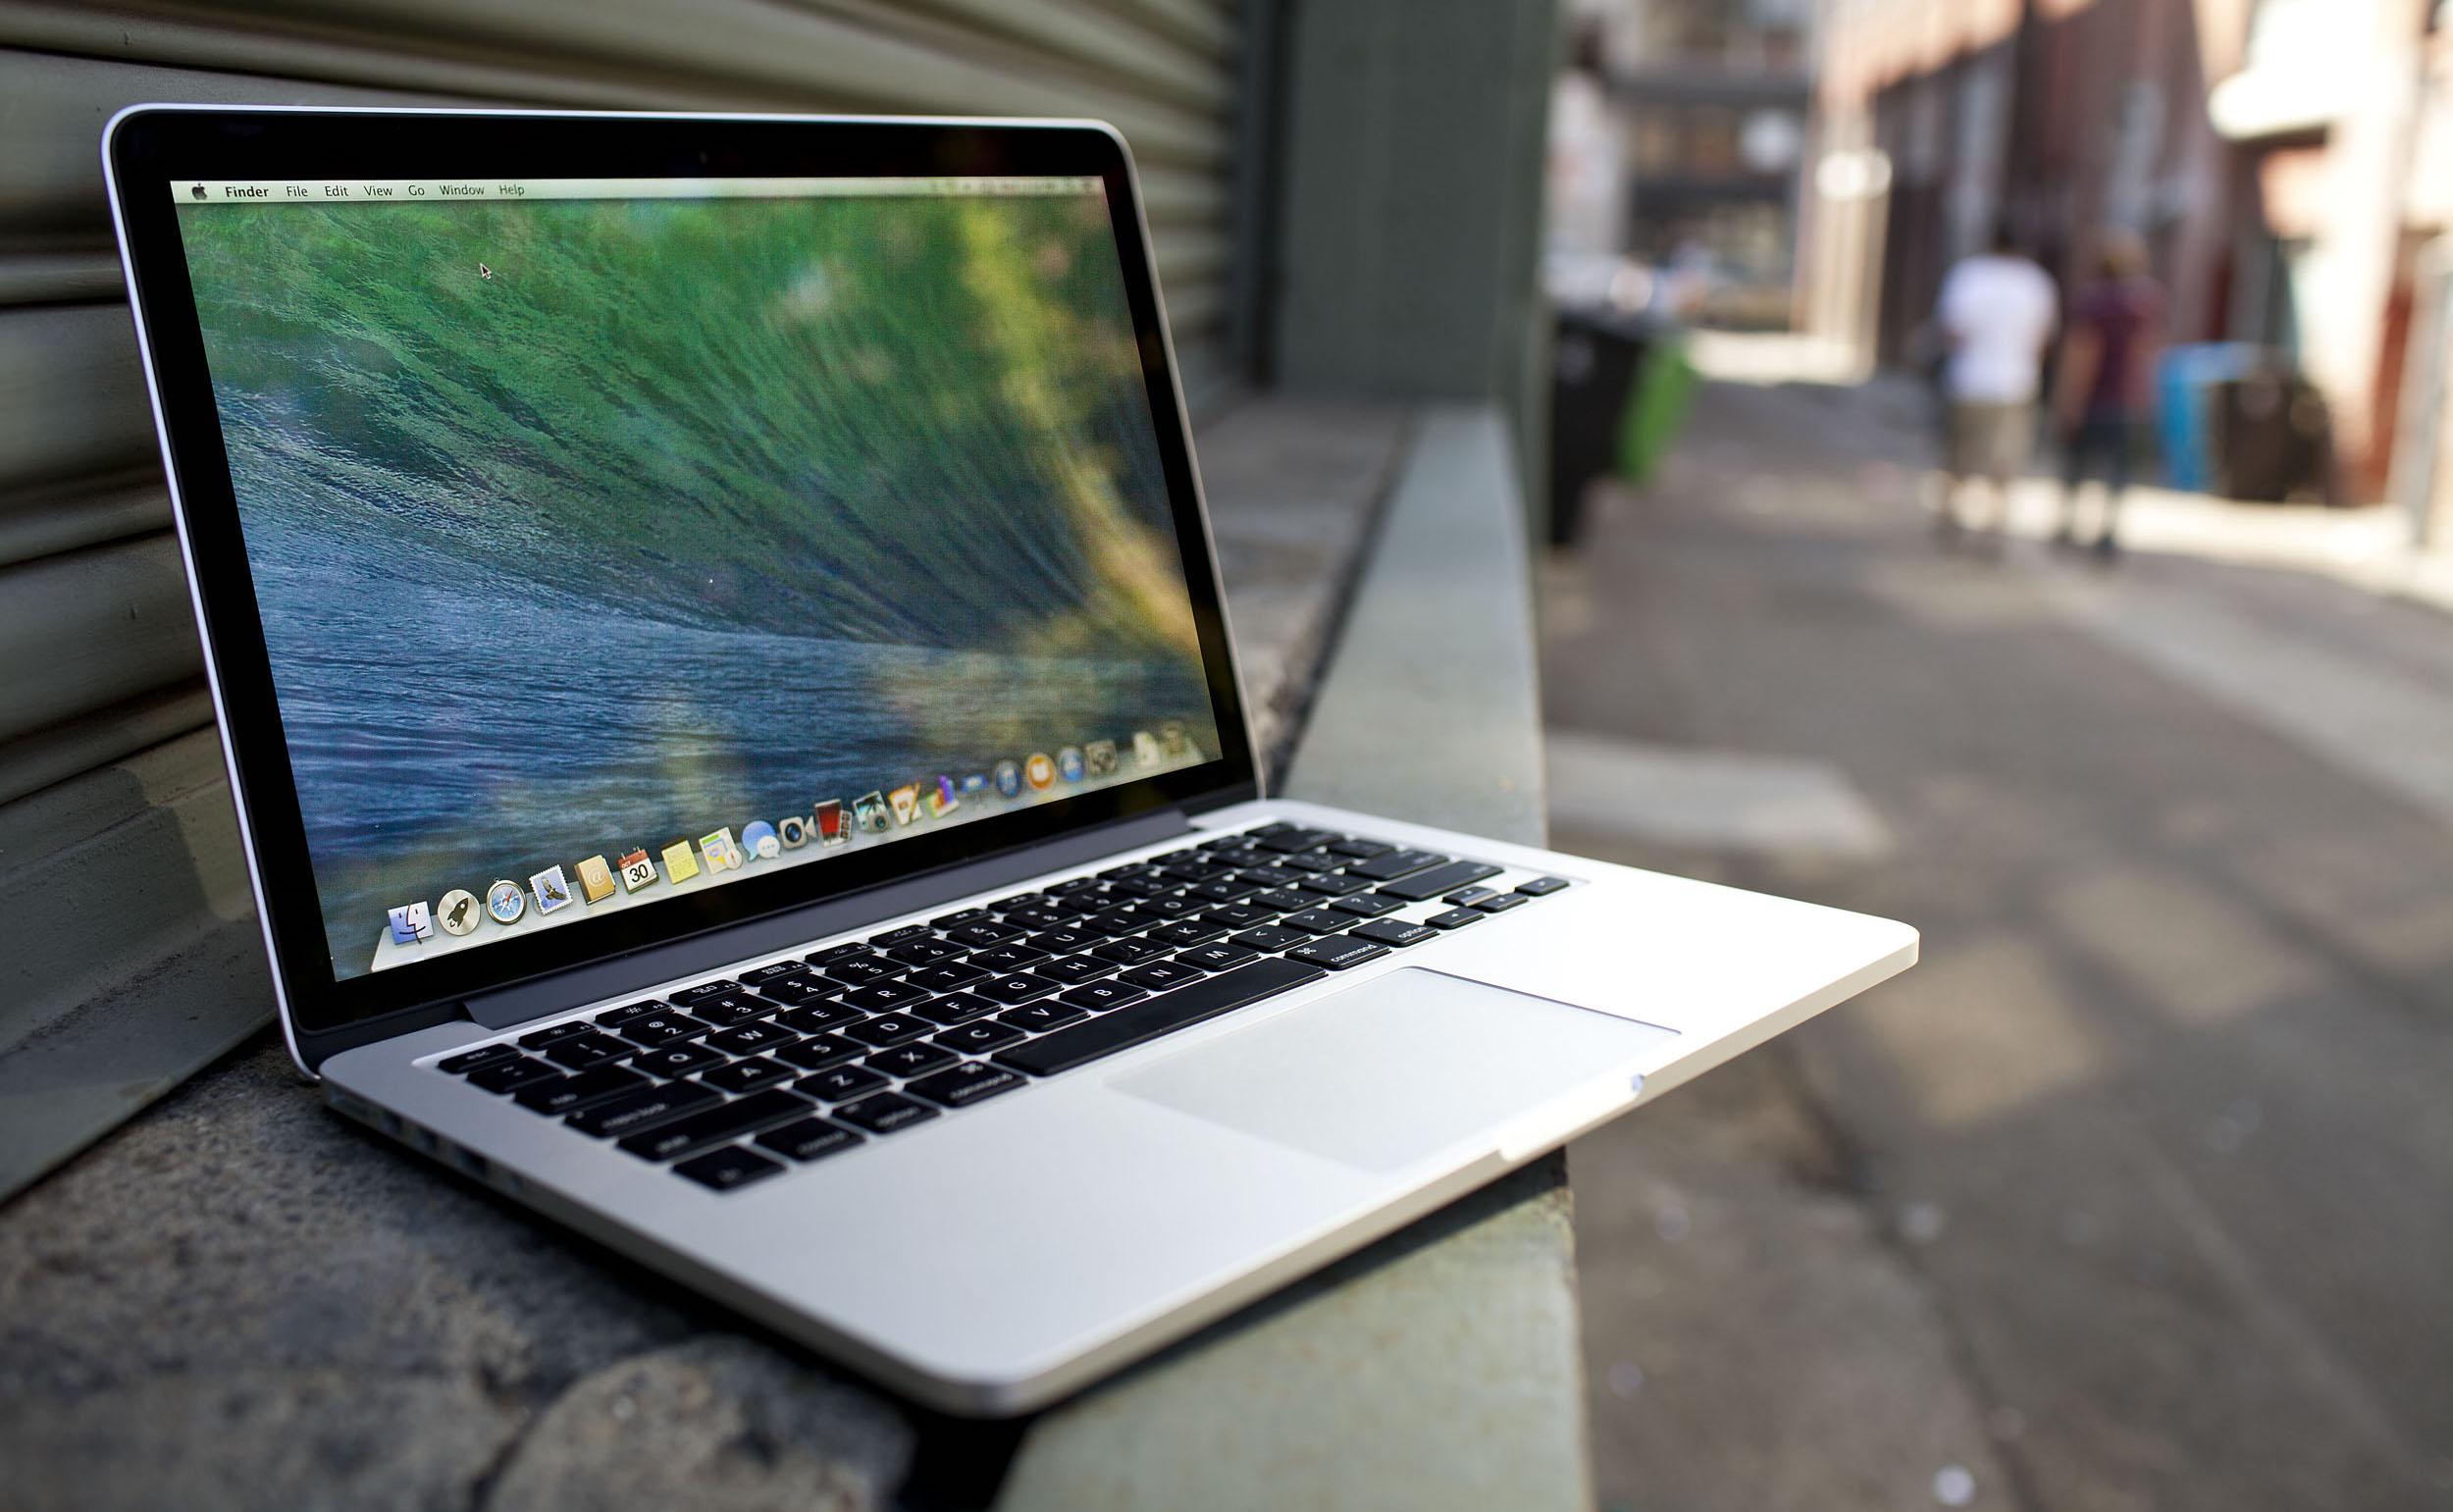 Картинка по теме: Как выбрать ноутбук недорогой но хороший?